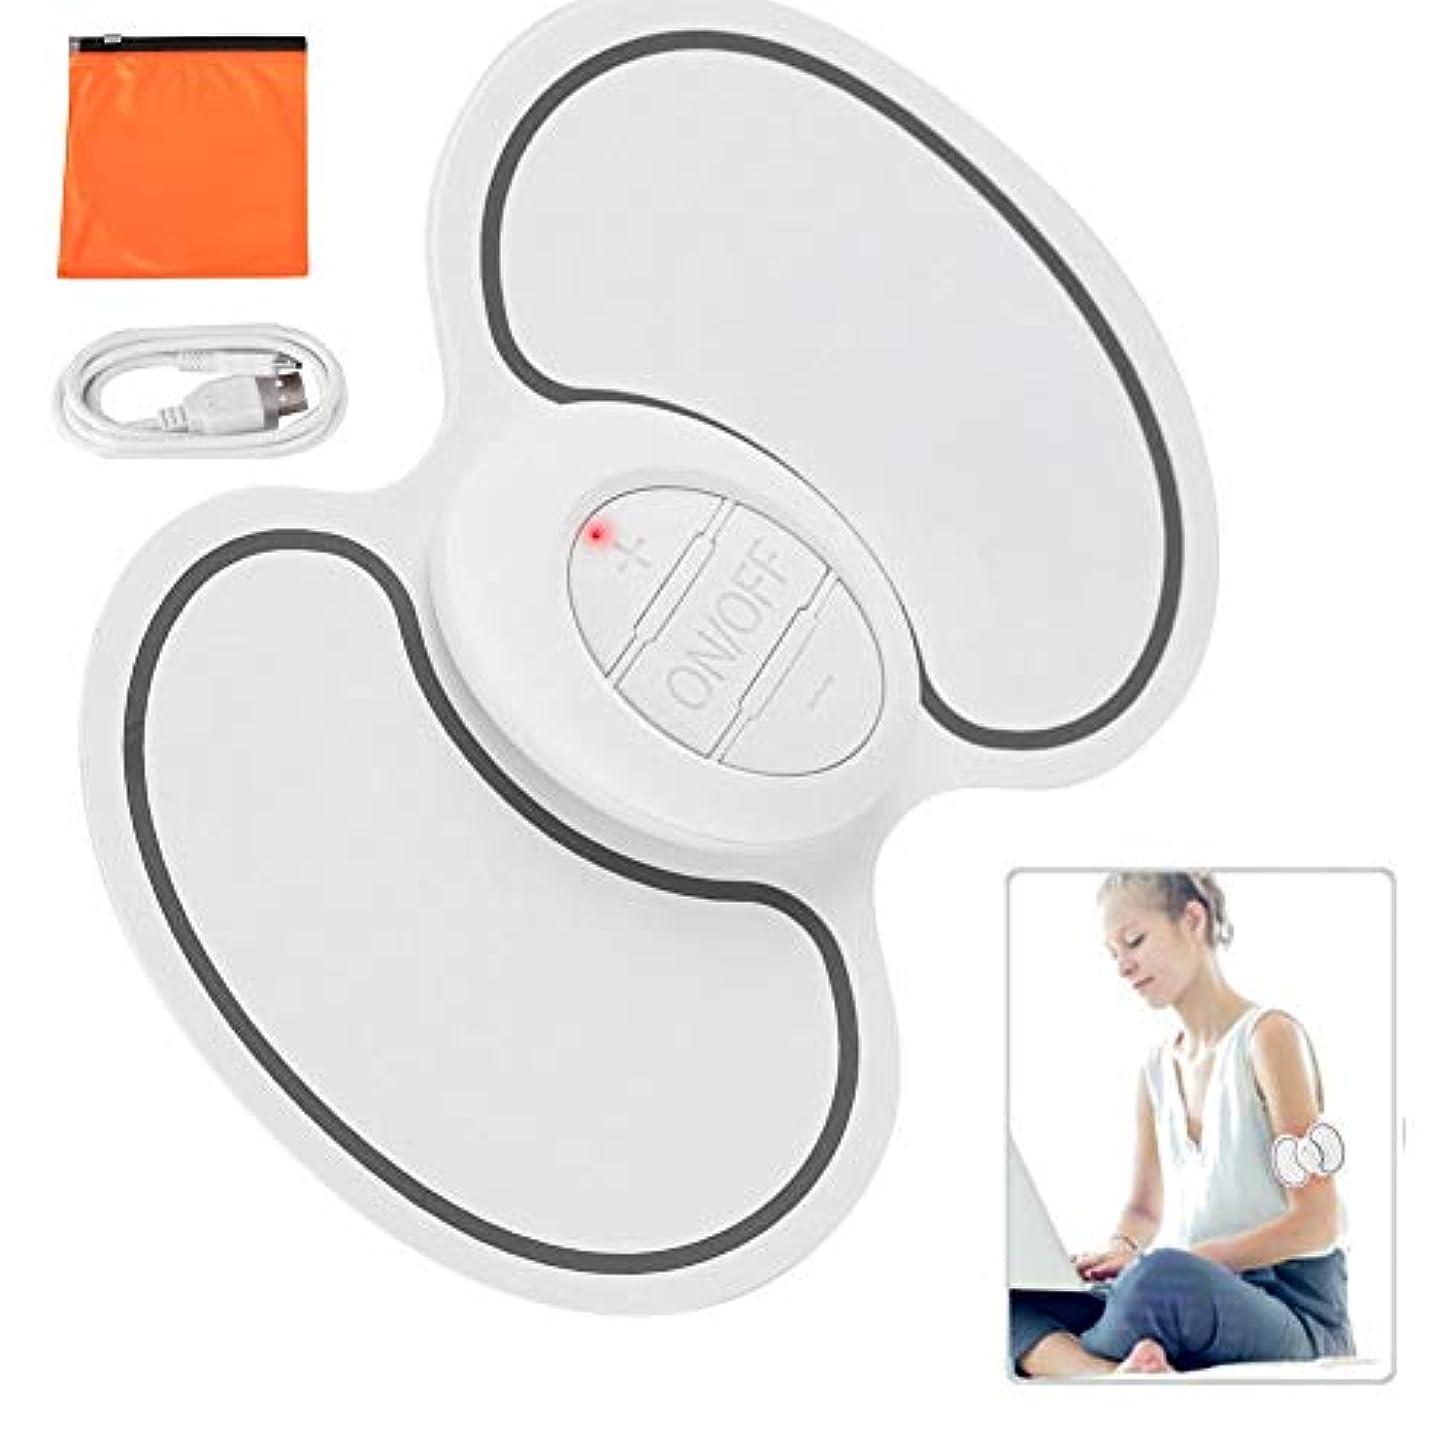 首、背中、肩、自宅での使用、車、オフィスの強度痛み疲労のための熱ディープニーディングマッサージ付きEMCネック肩筋パルスマッサージパッド